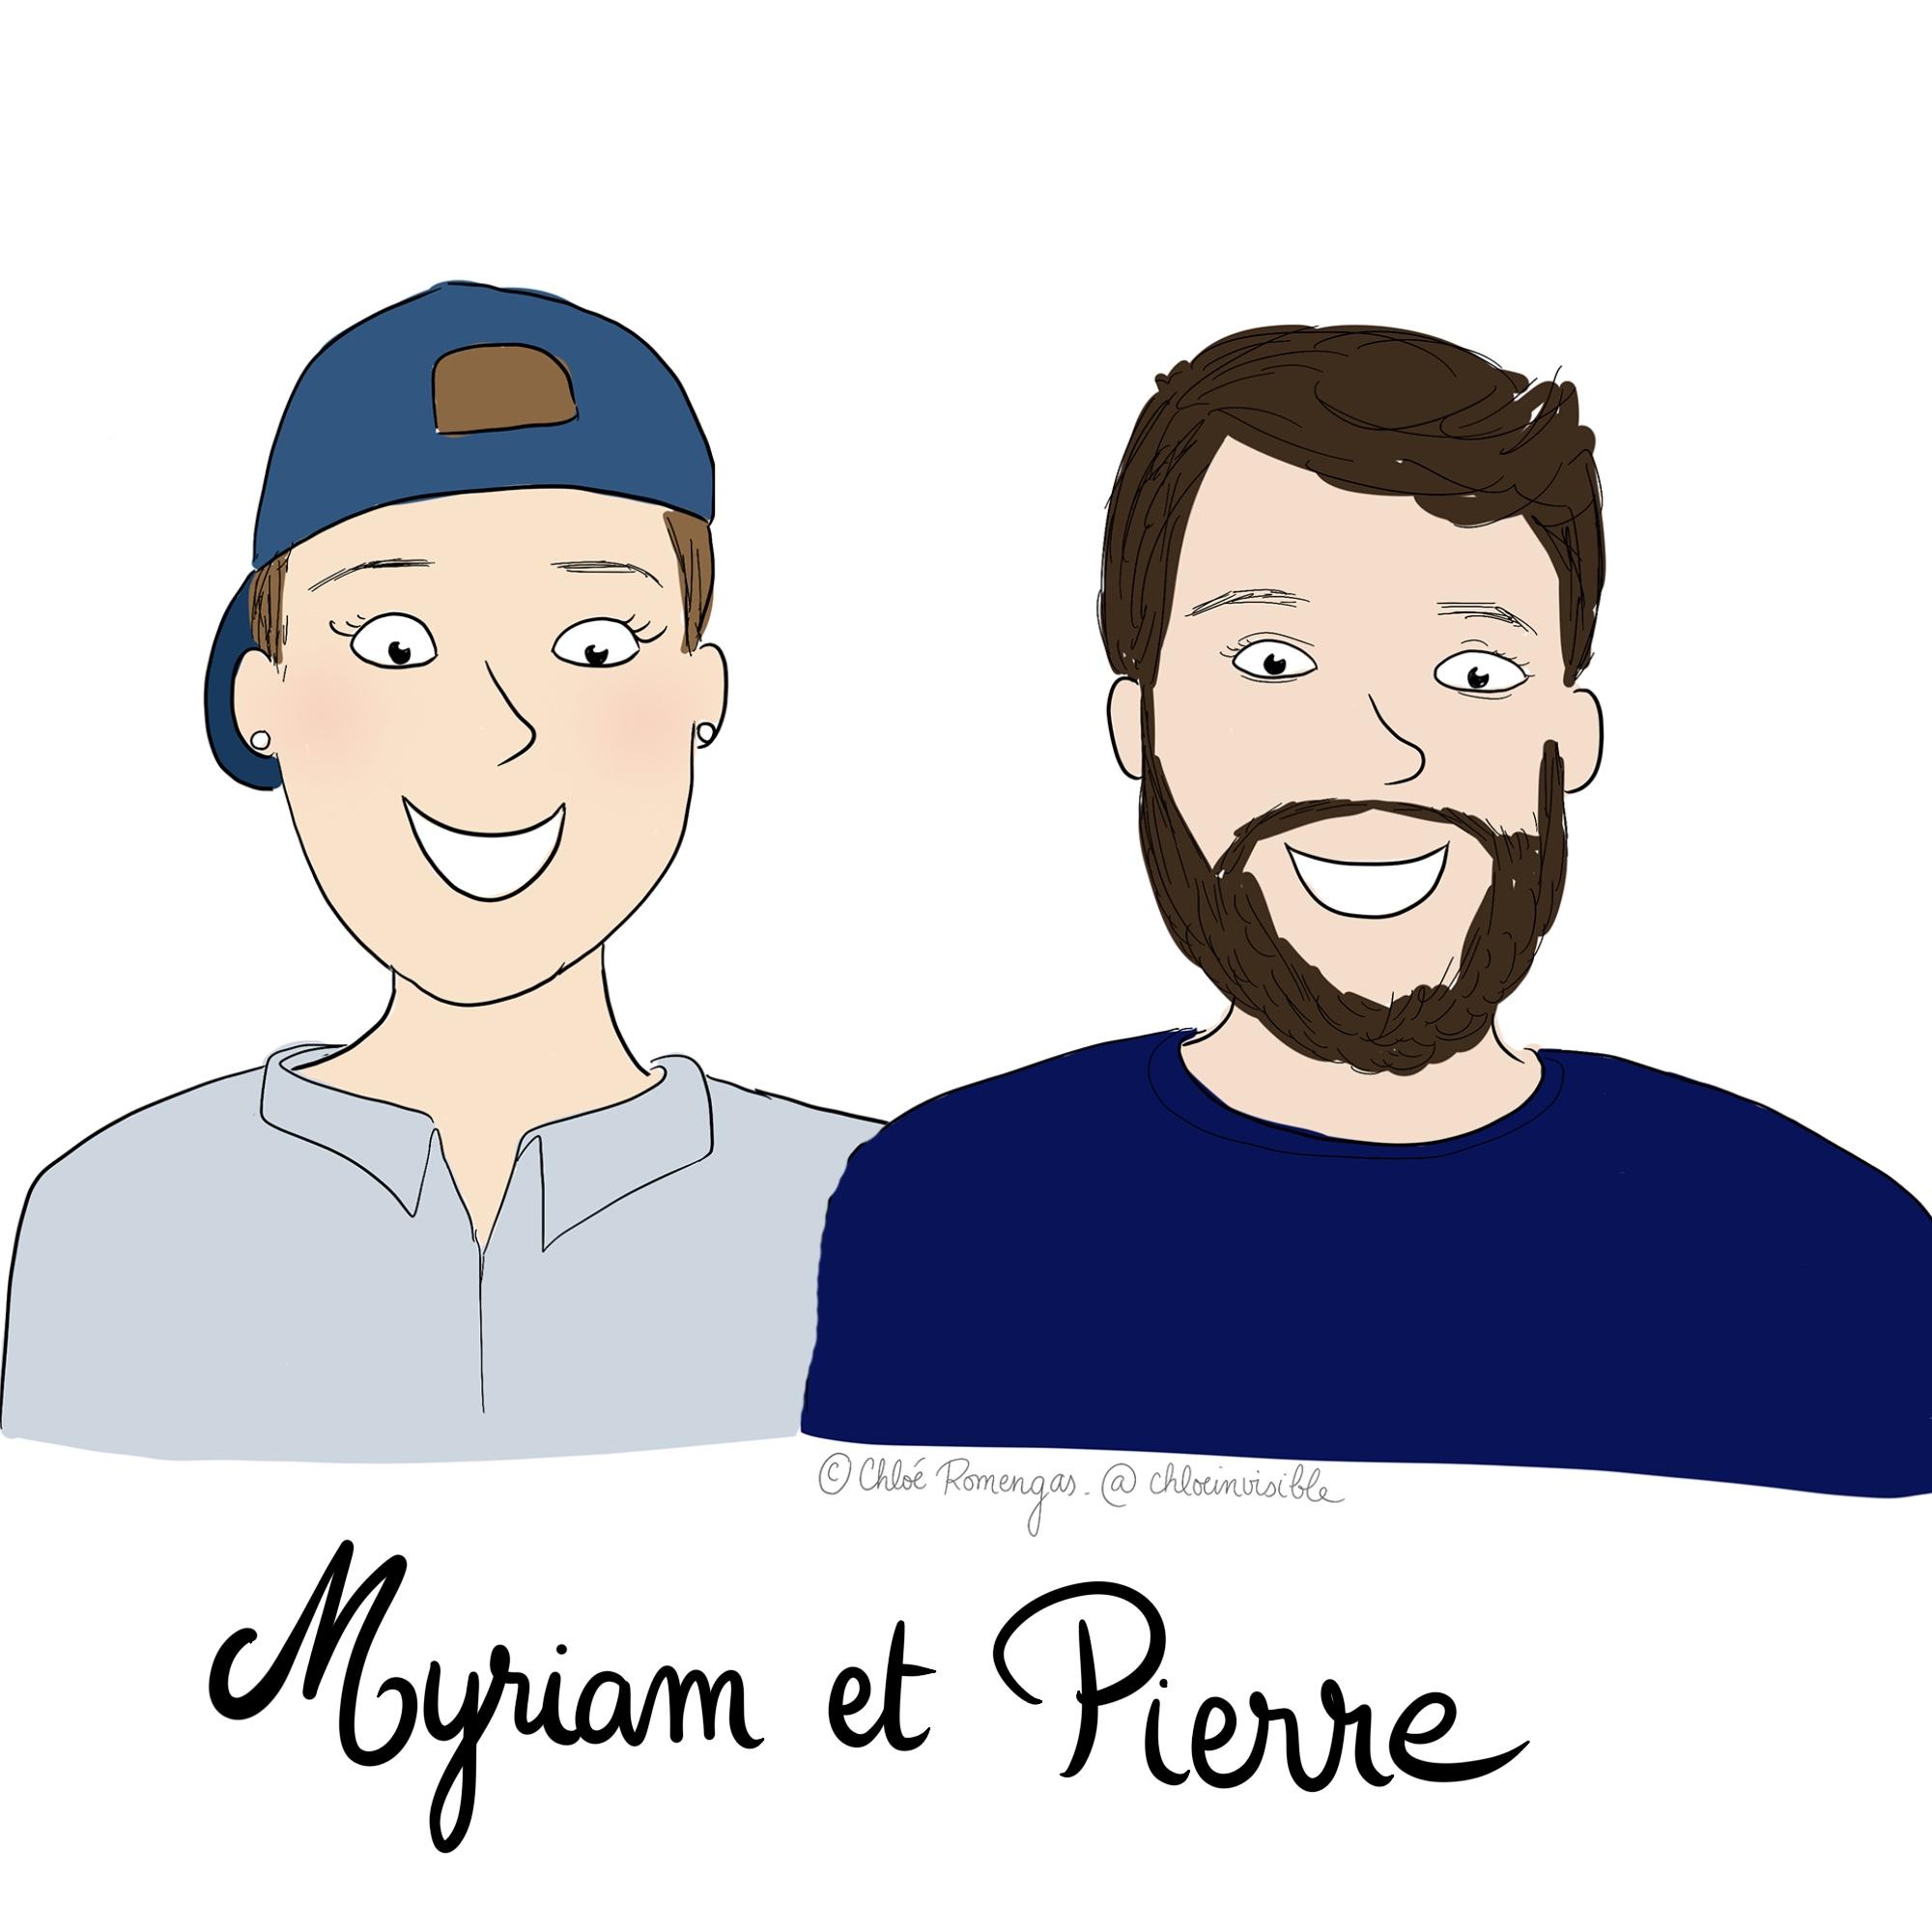 Le côté invisible du handicap visible – Myriam et Pierre